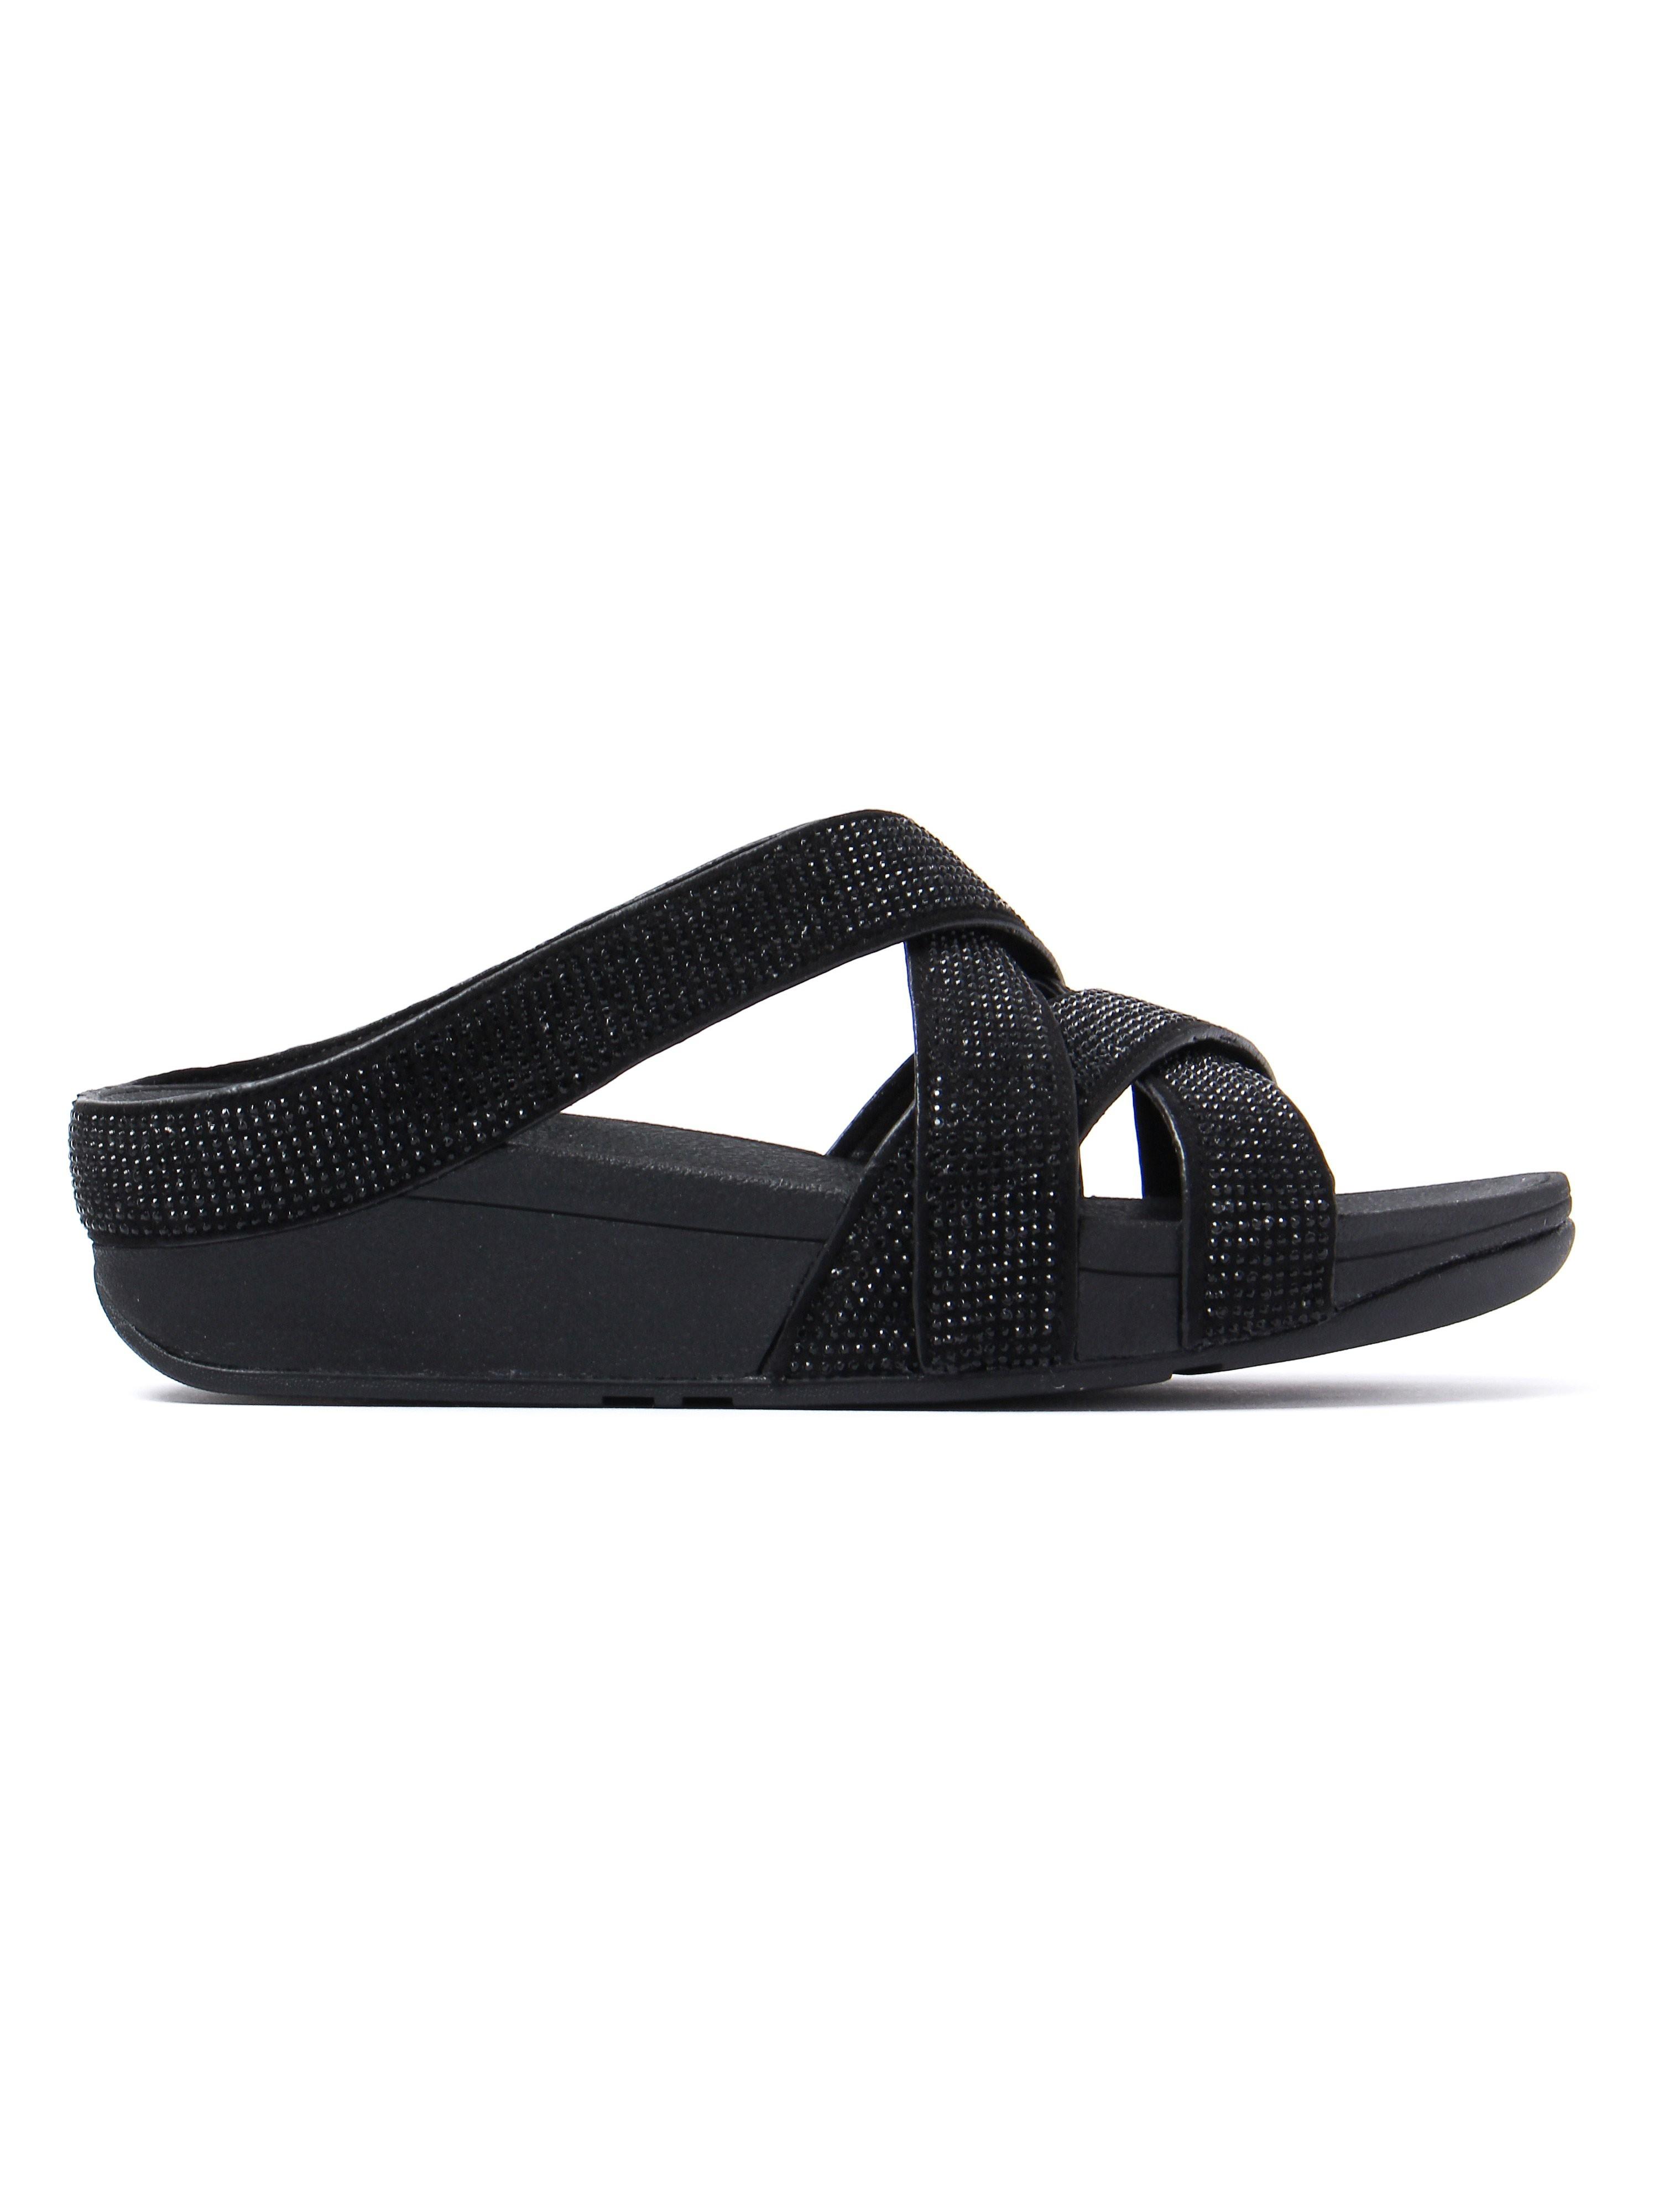 FitFlop Women's Slinky Rokkit Slide Sandals - Black